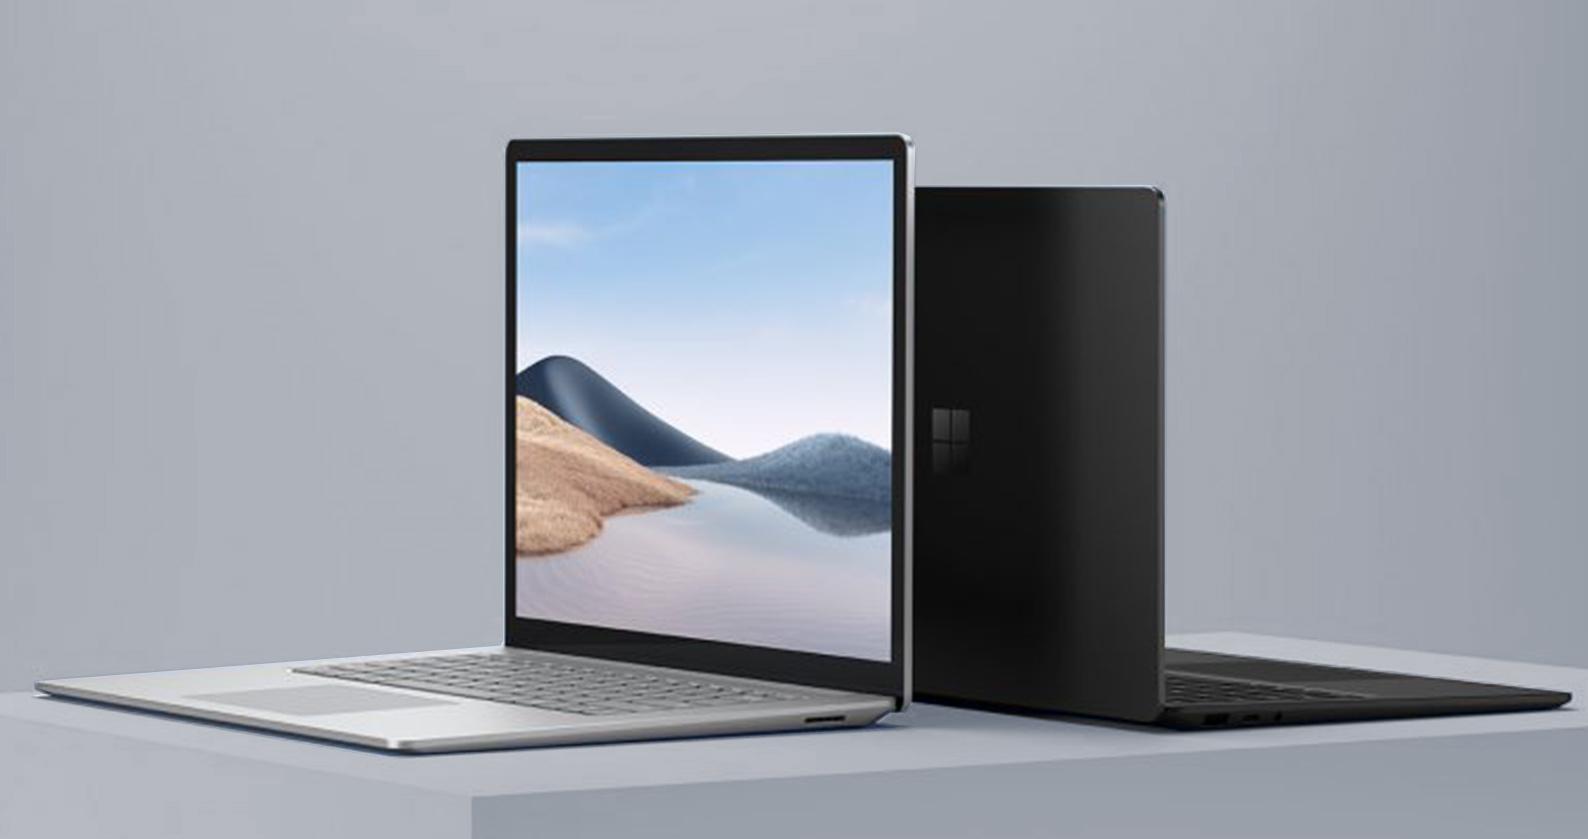 Surface Laptop 4 - ультратонкий ноутбук с сенсорным экраном